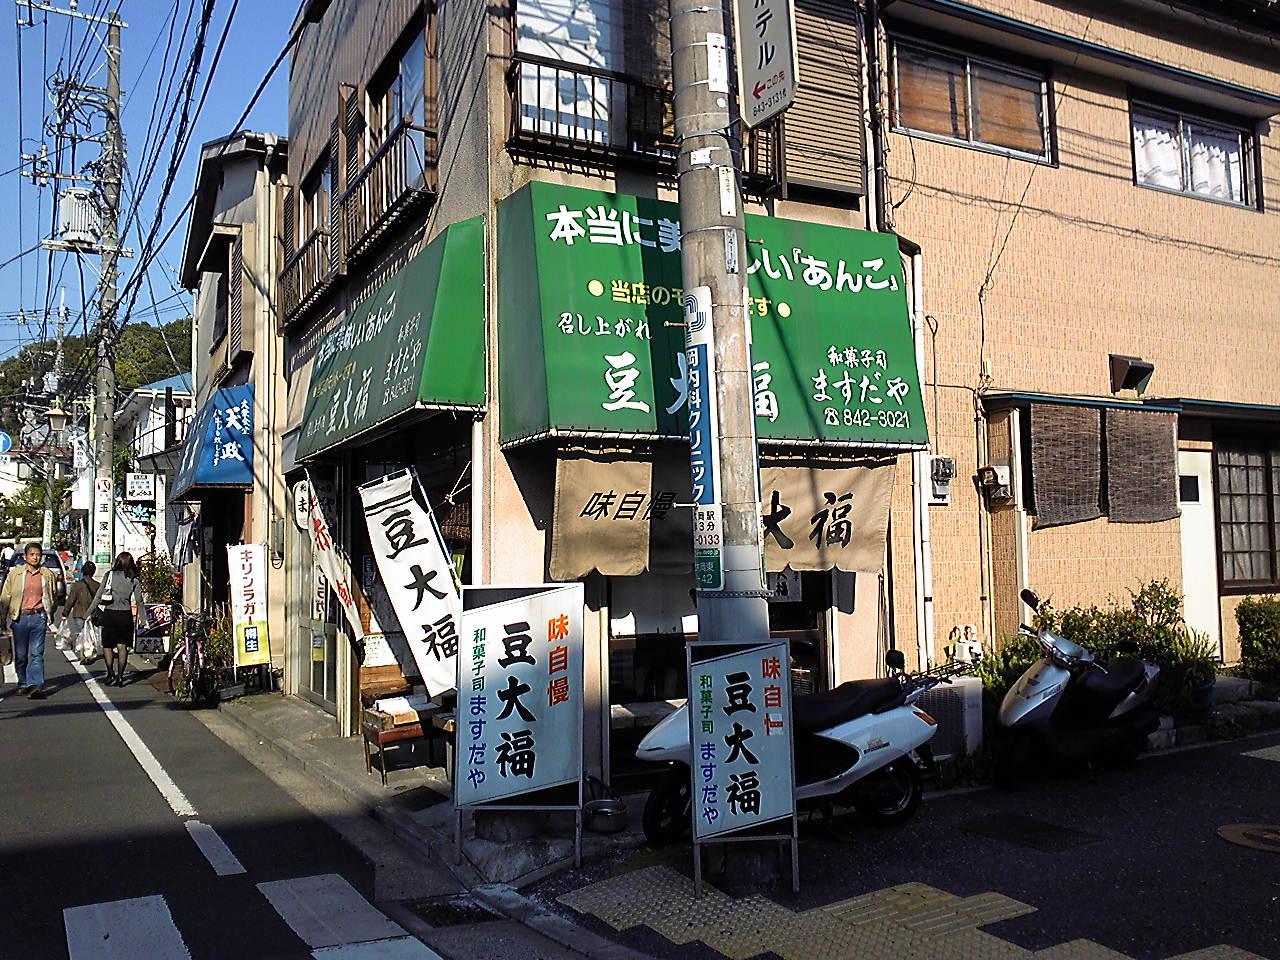 写真は解体前の旧店舗。